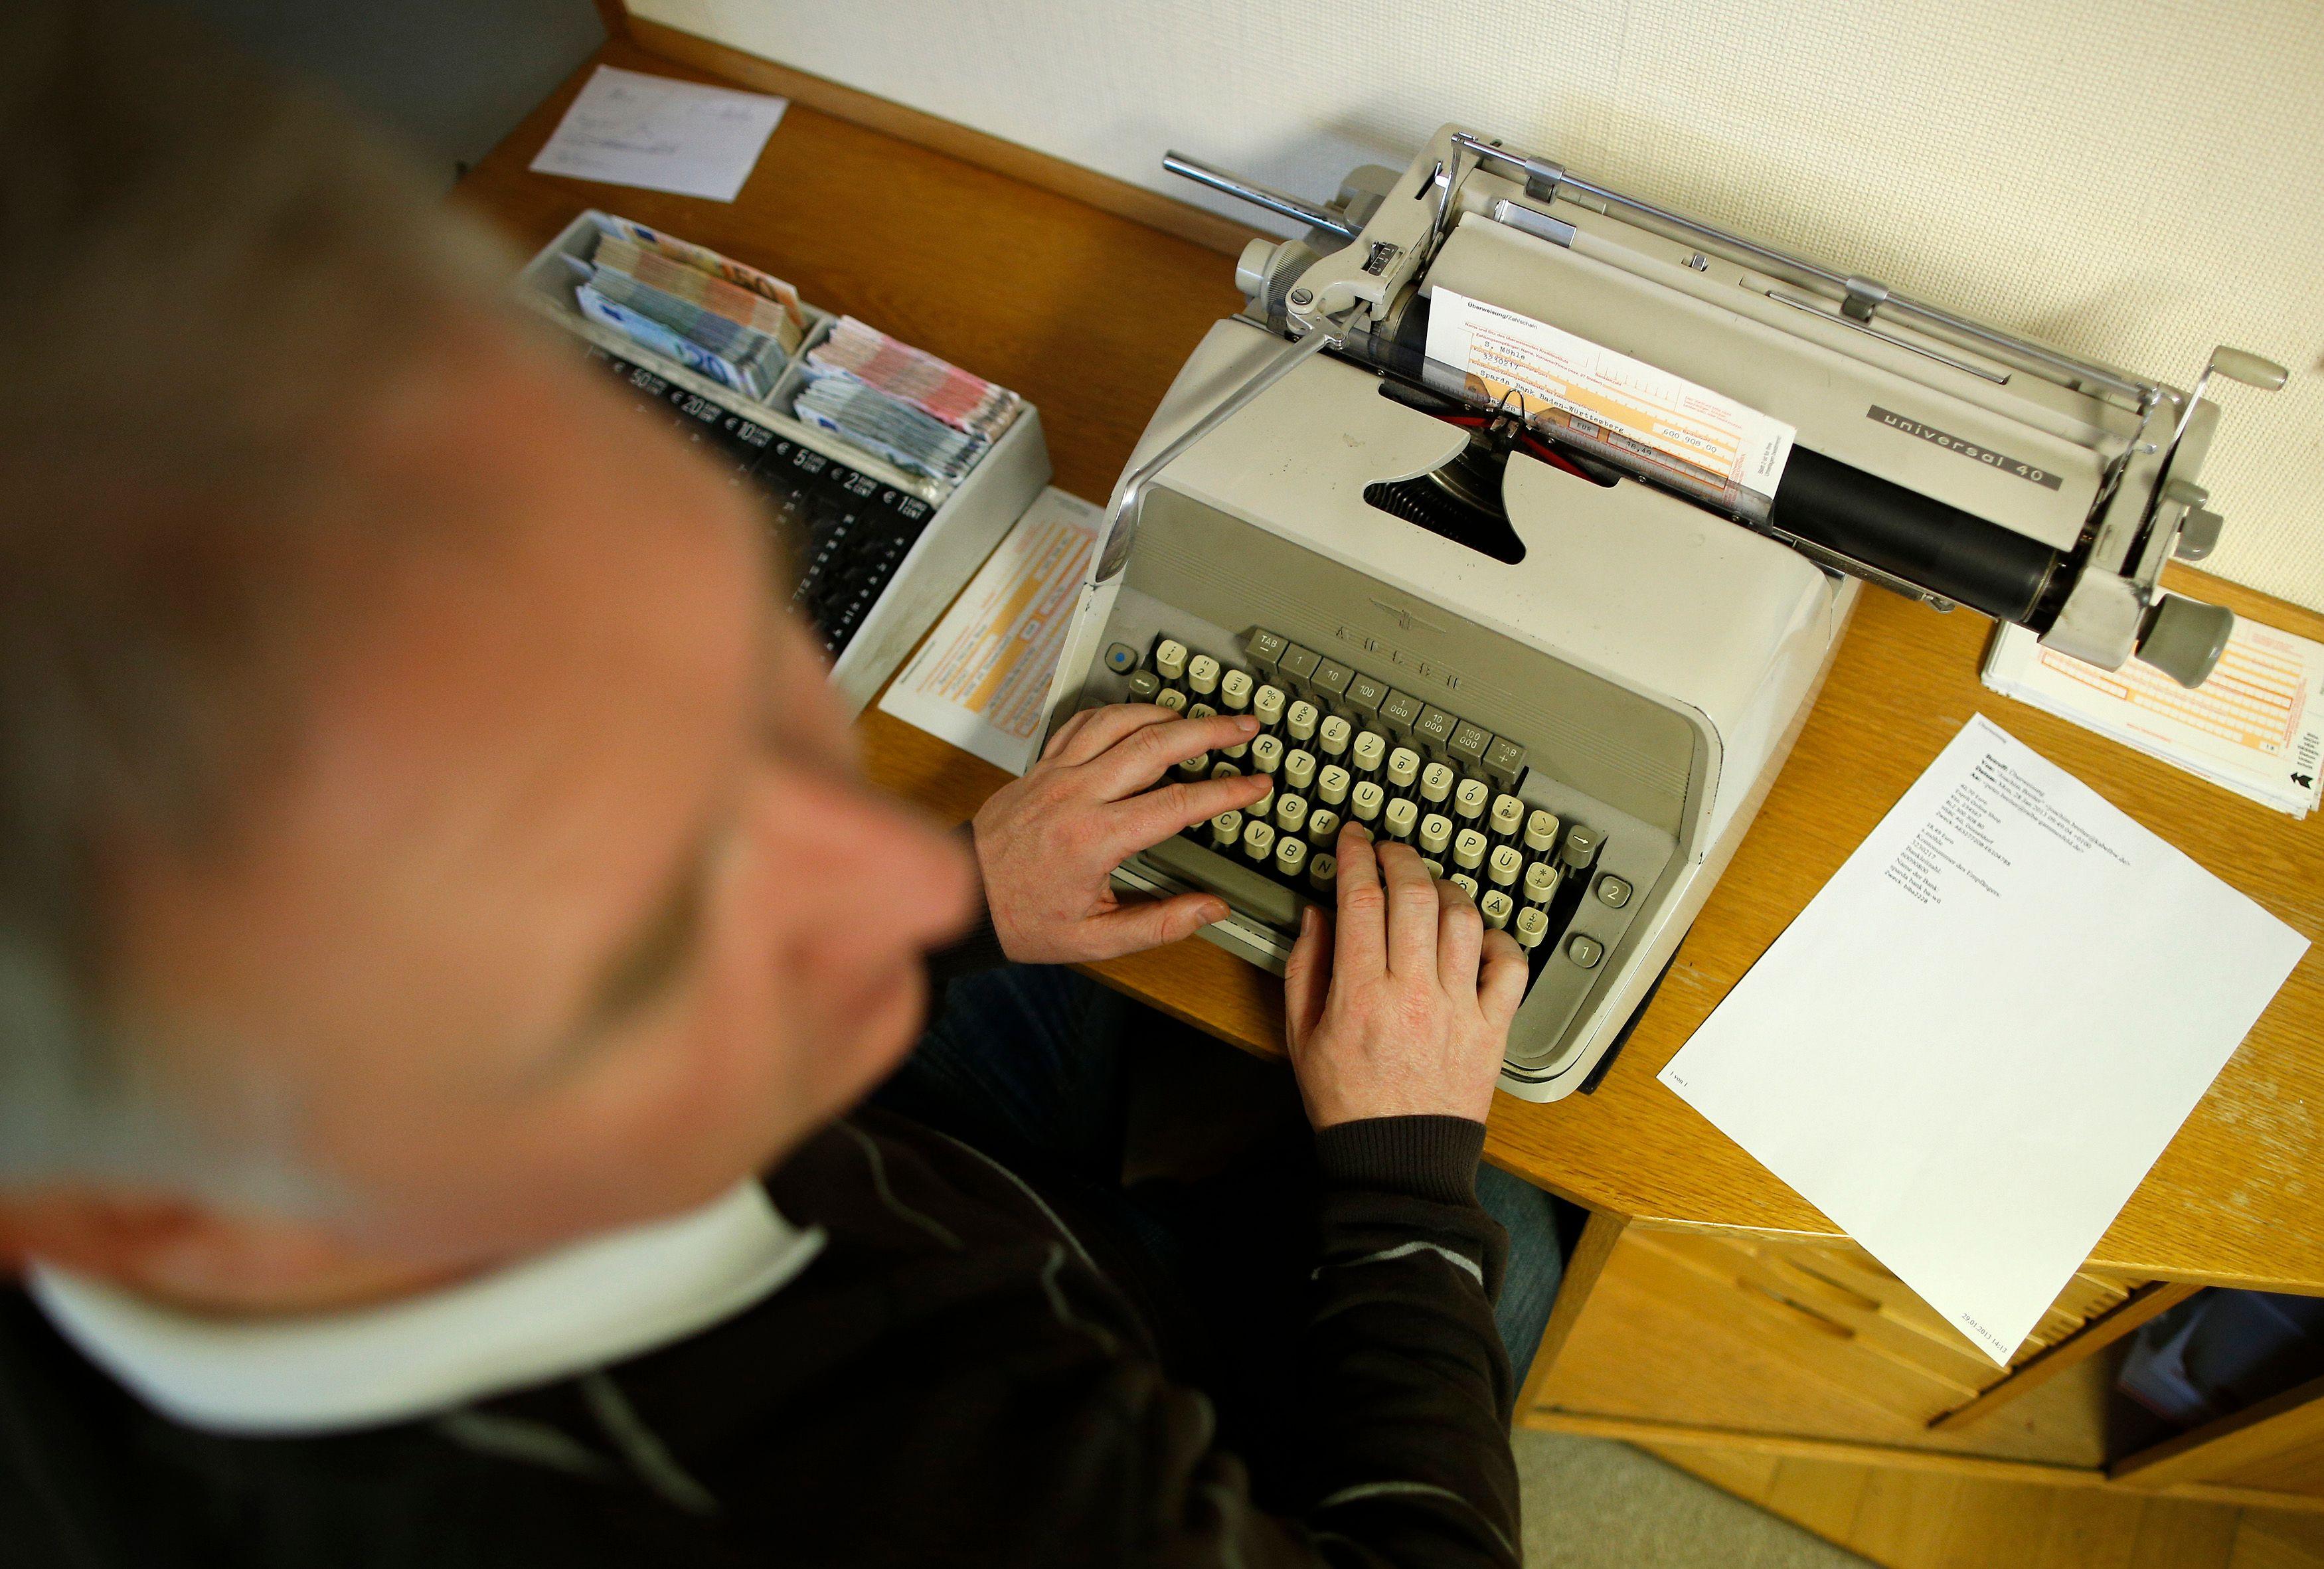 La question de la liberté d'expression des écrivains se posent de plus en plus.